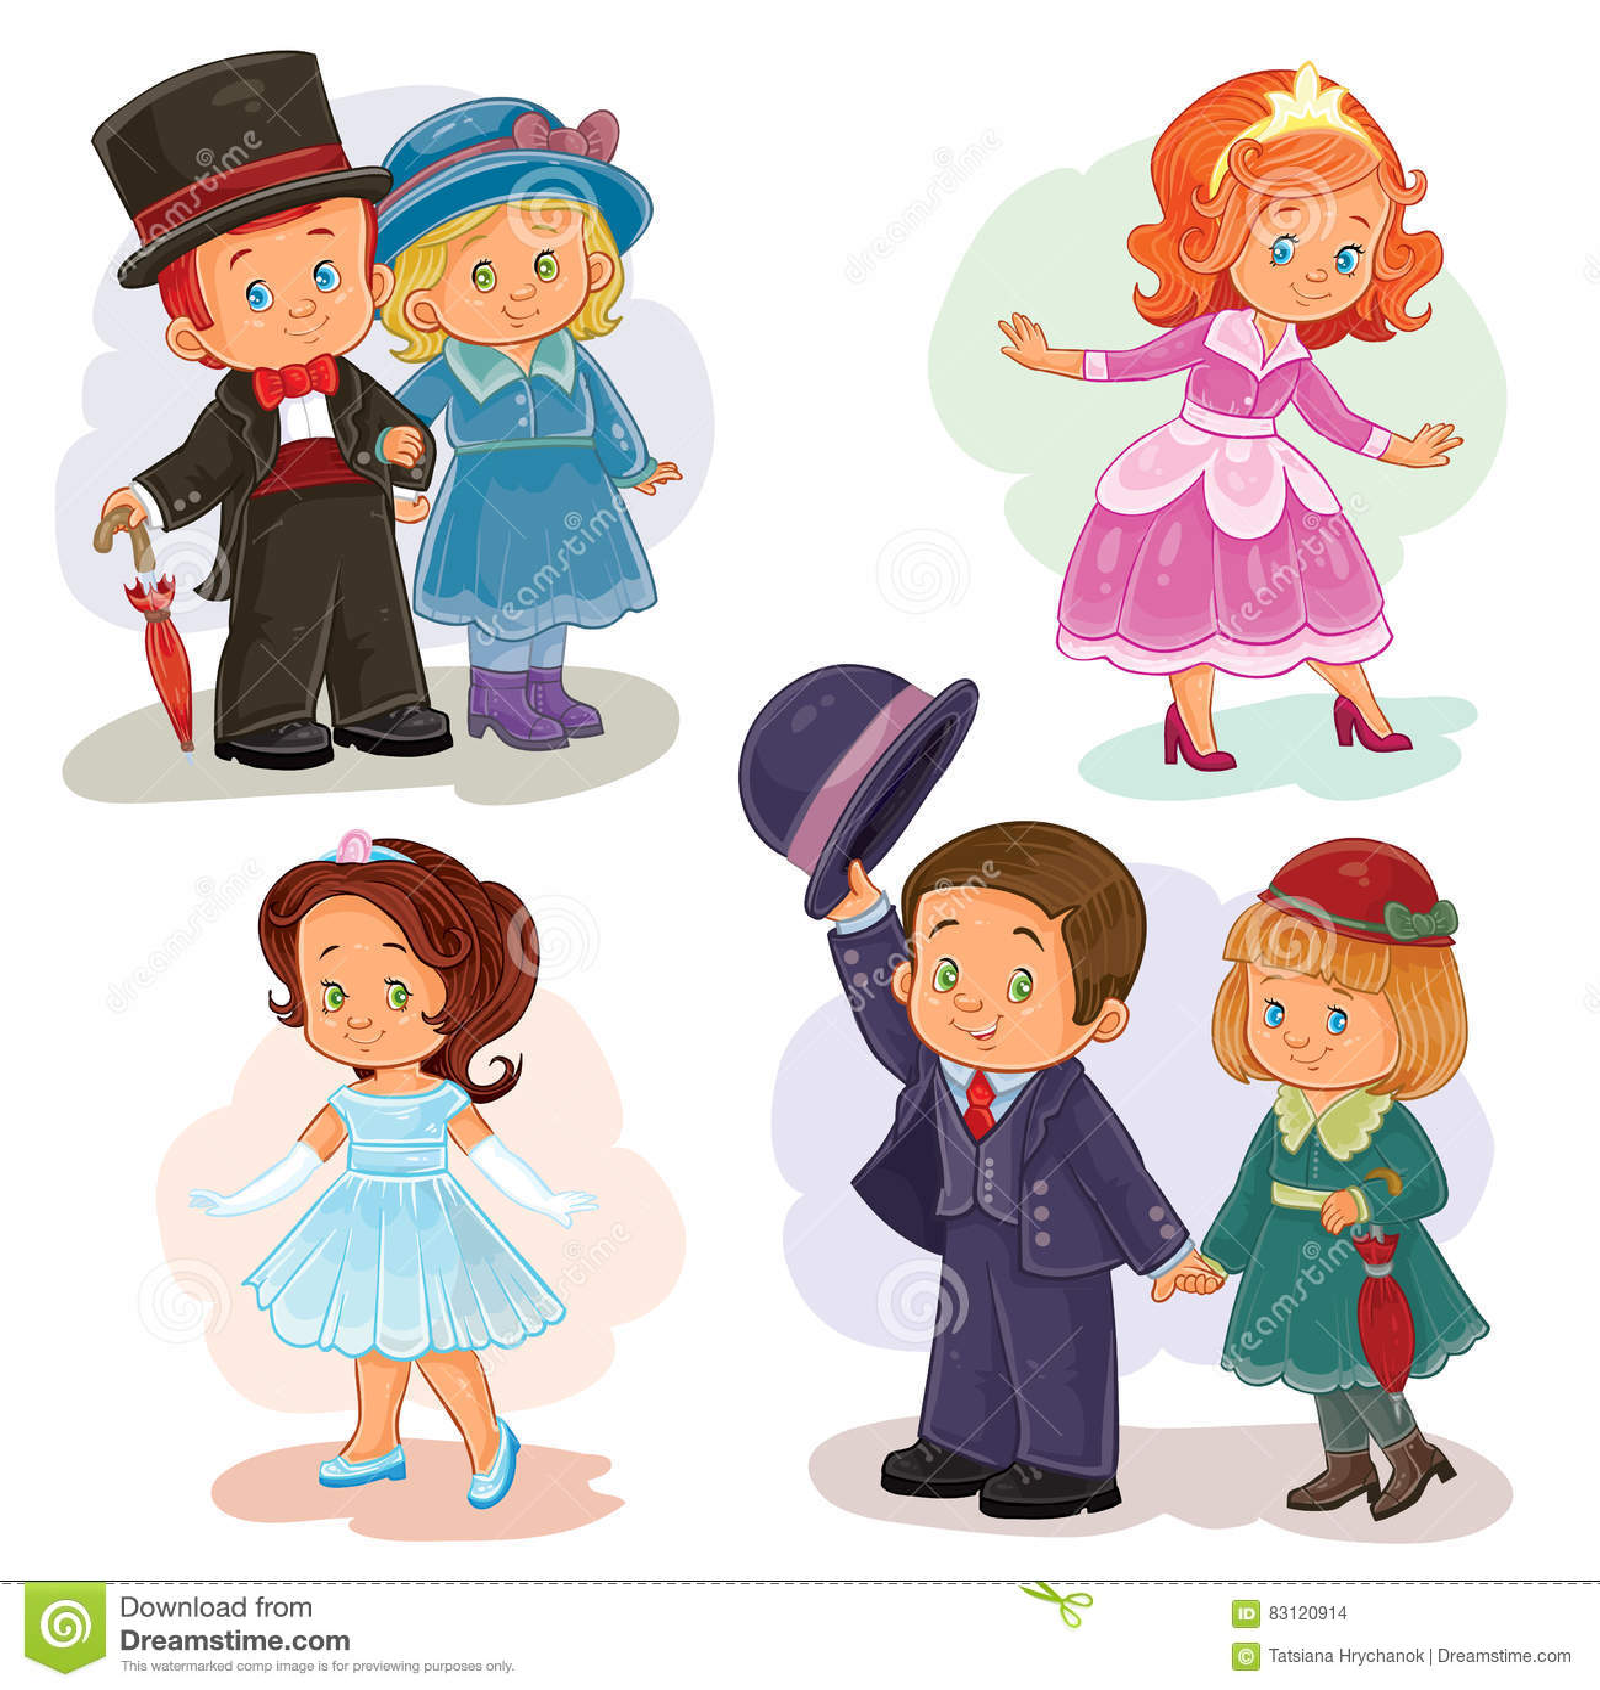 De vastgestelde illustraties van de klemkunst met jonge kinderen in historische kostuums